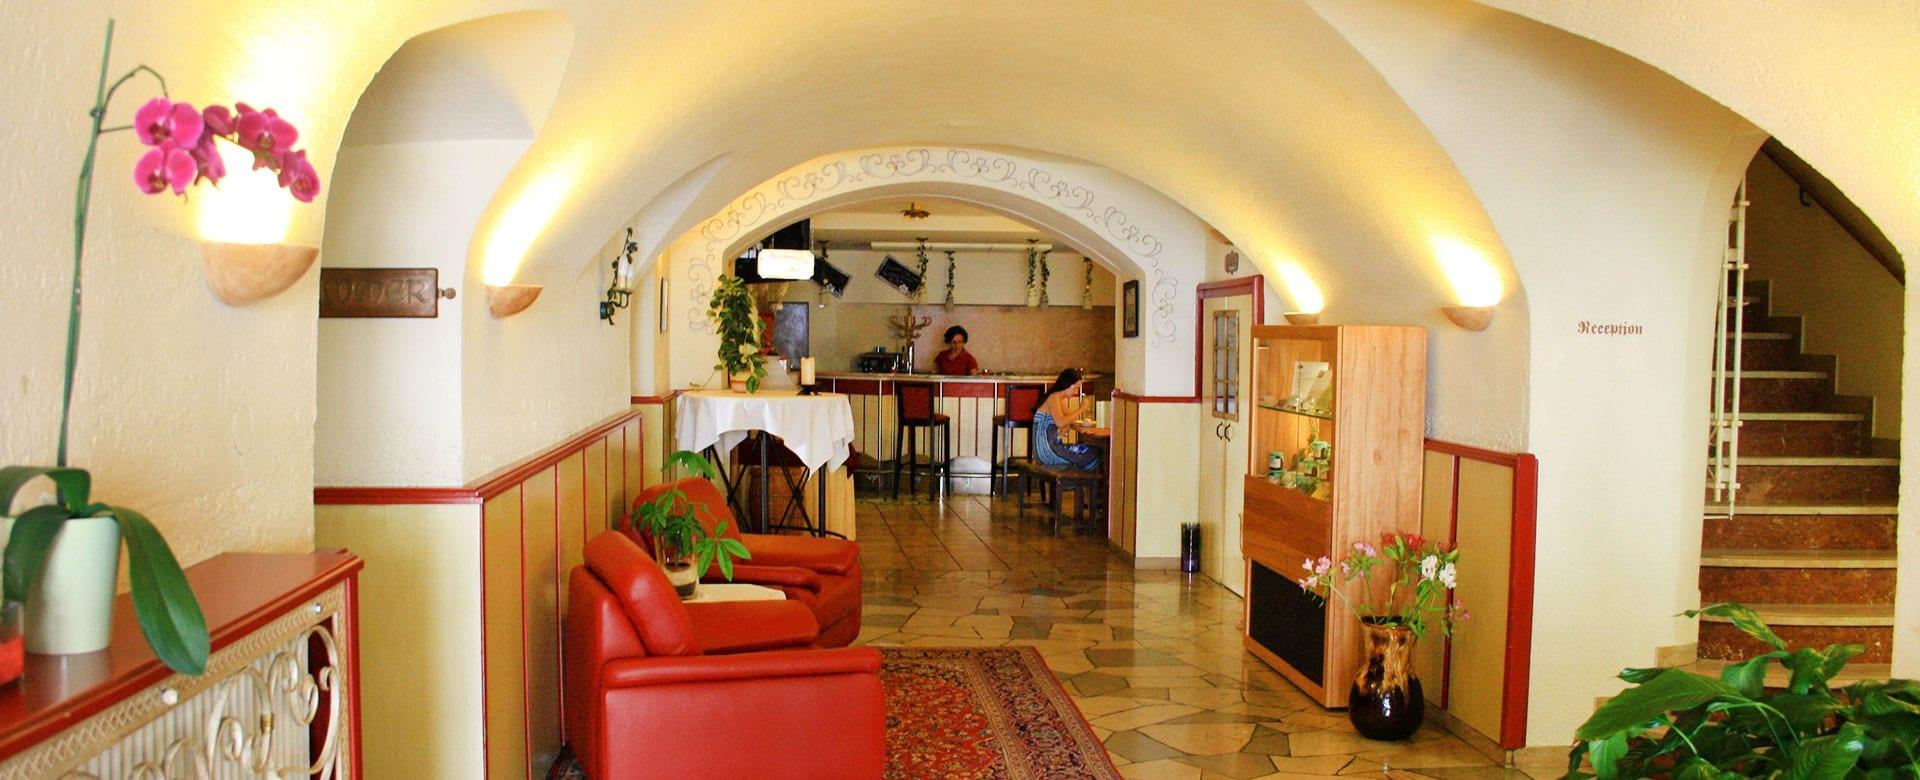 Kontakt Ruckrufservice Gesundheits Vital Hotel Post In Radstadt